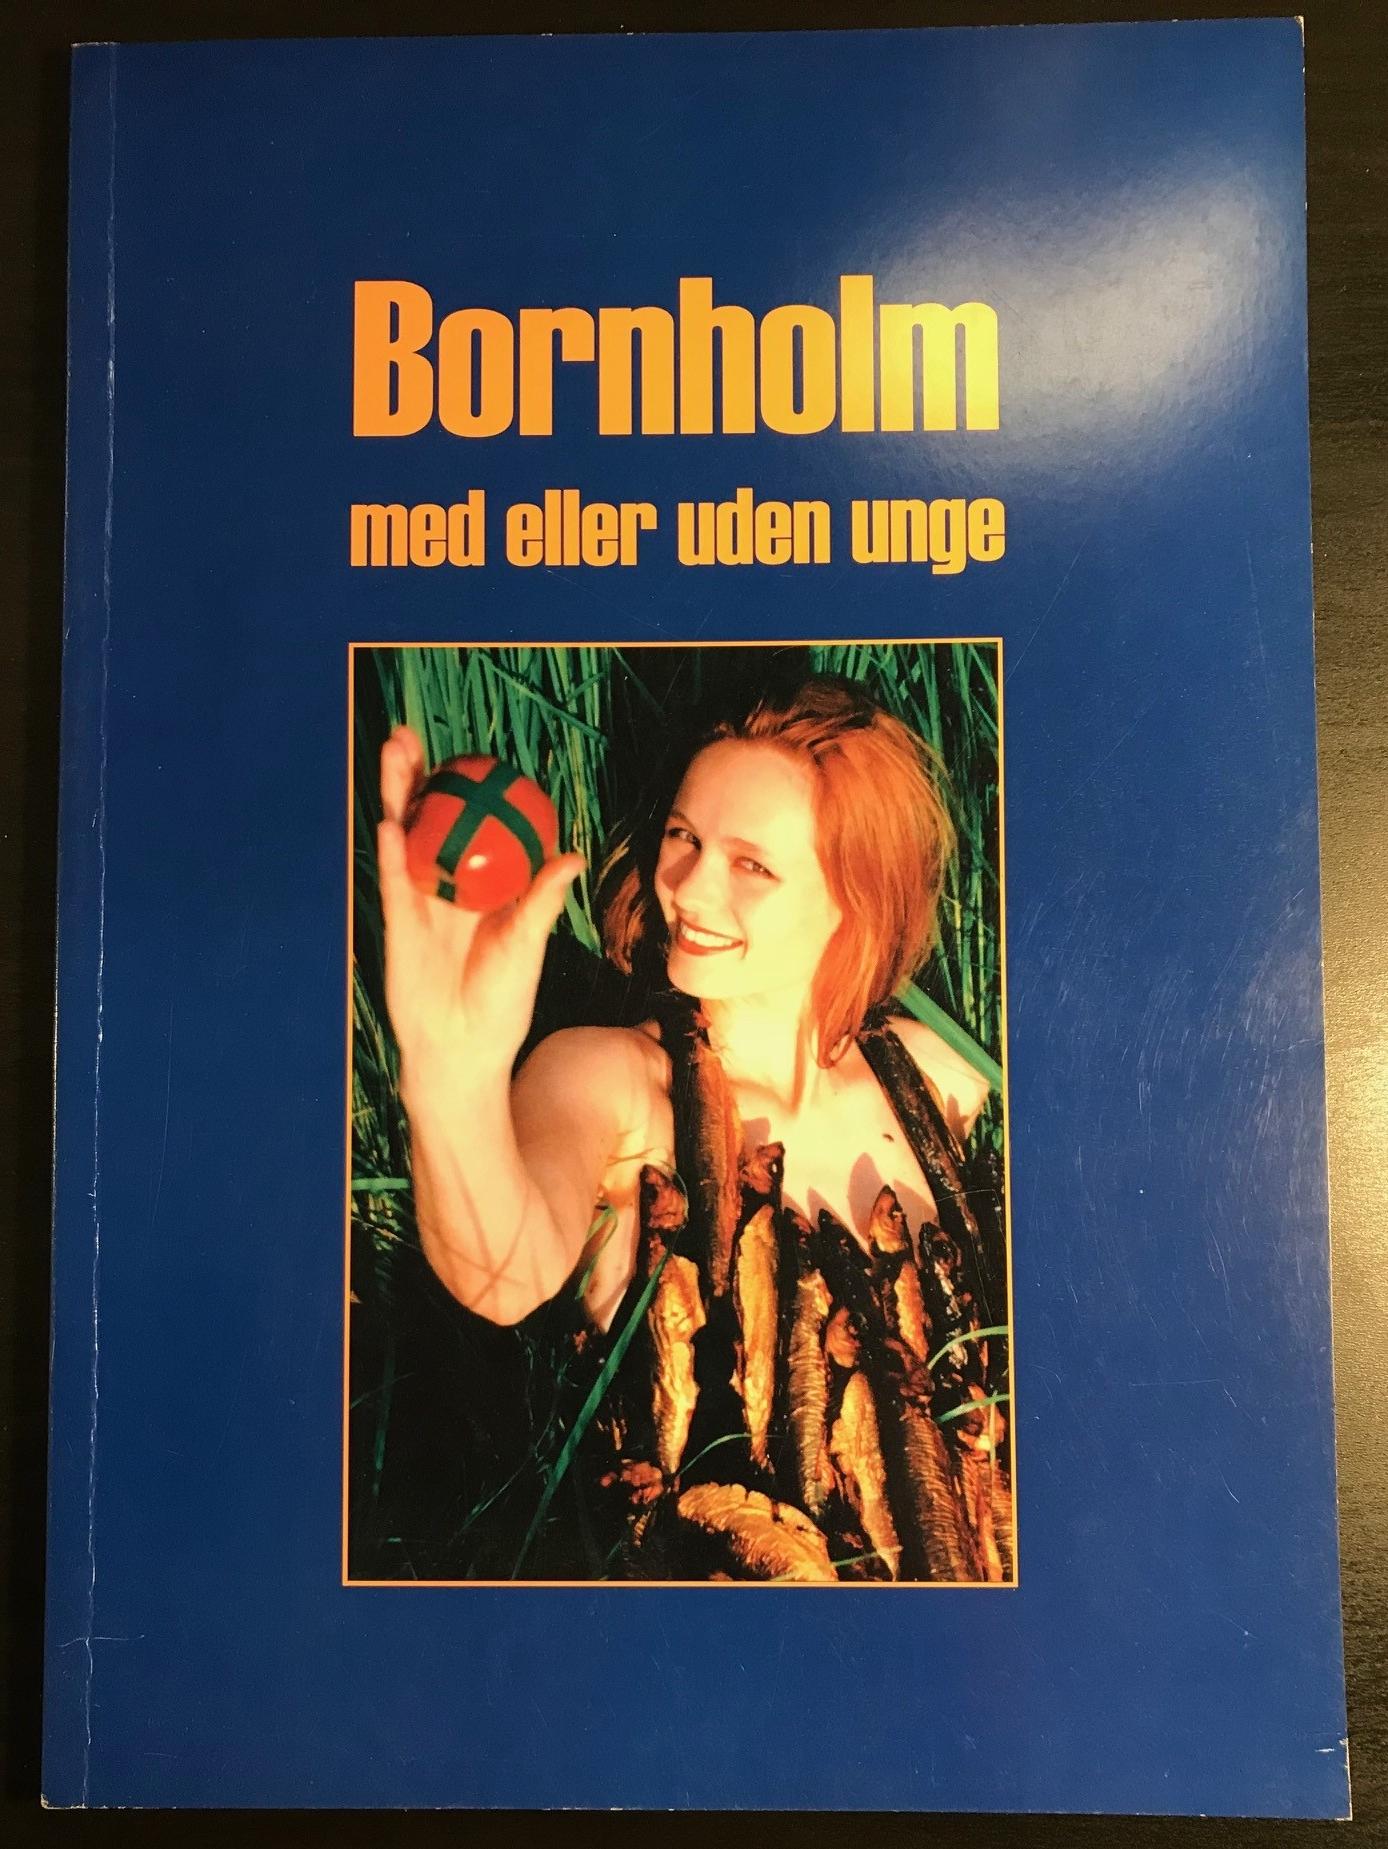 Bornholm med eller uden unge